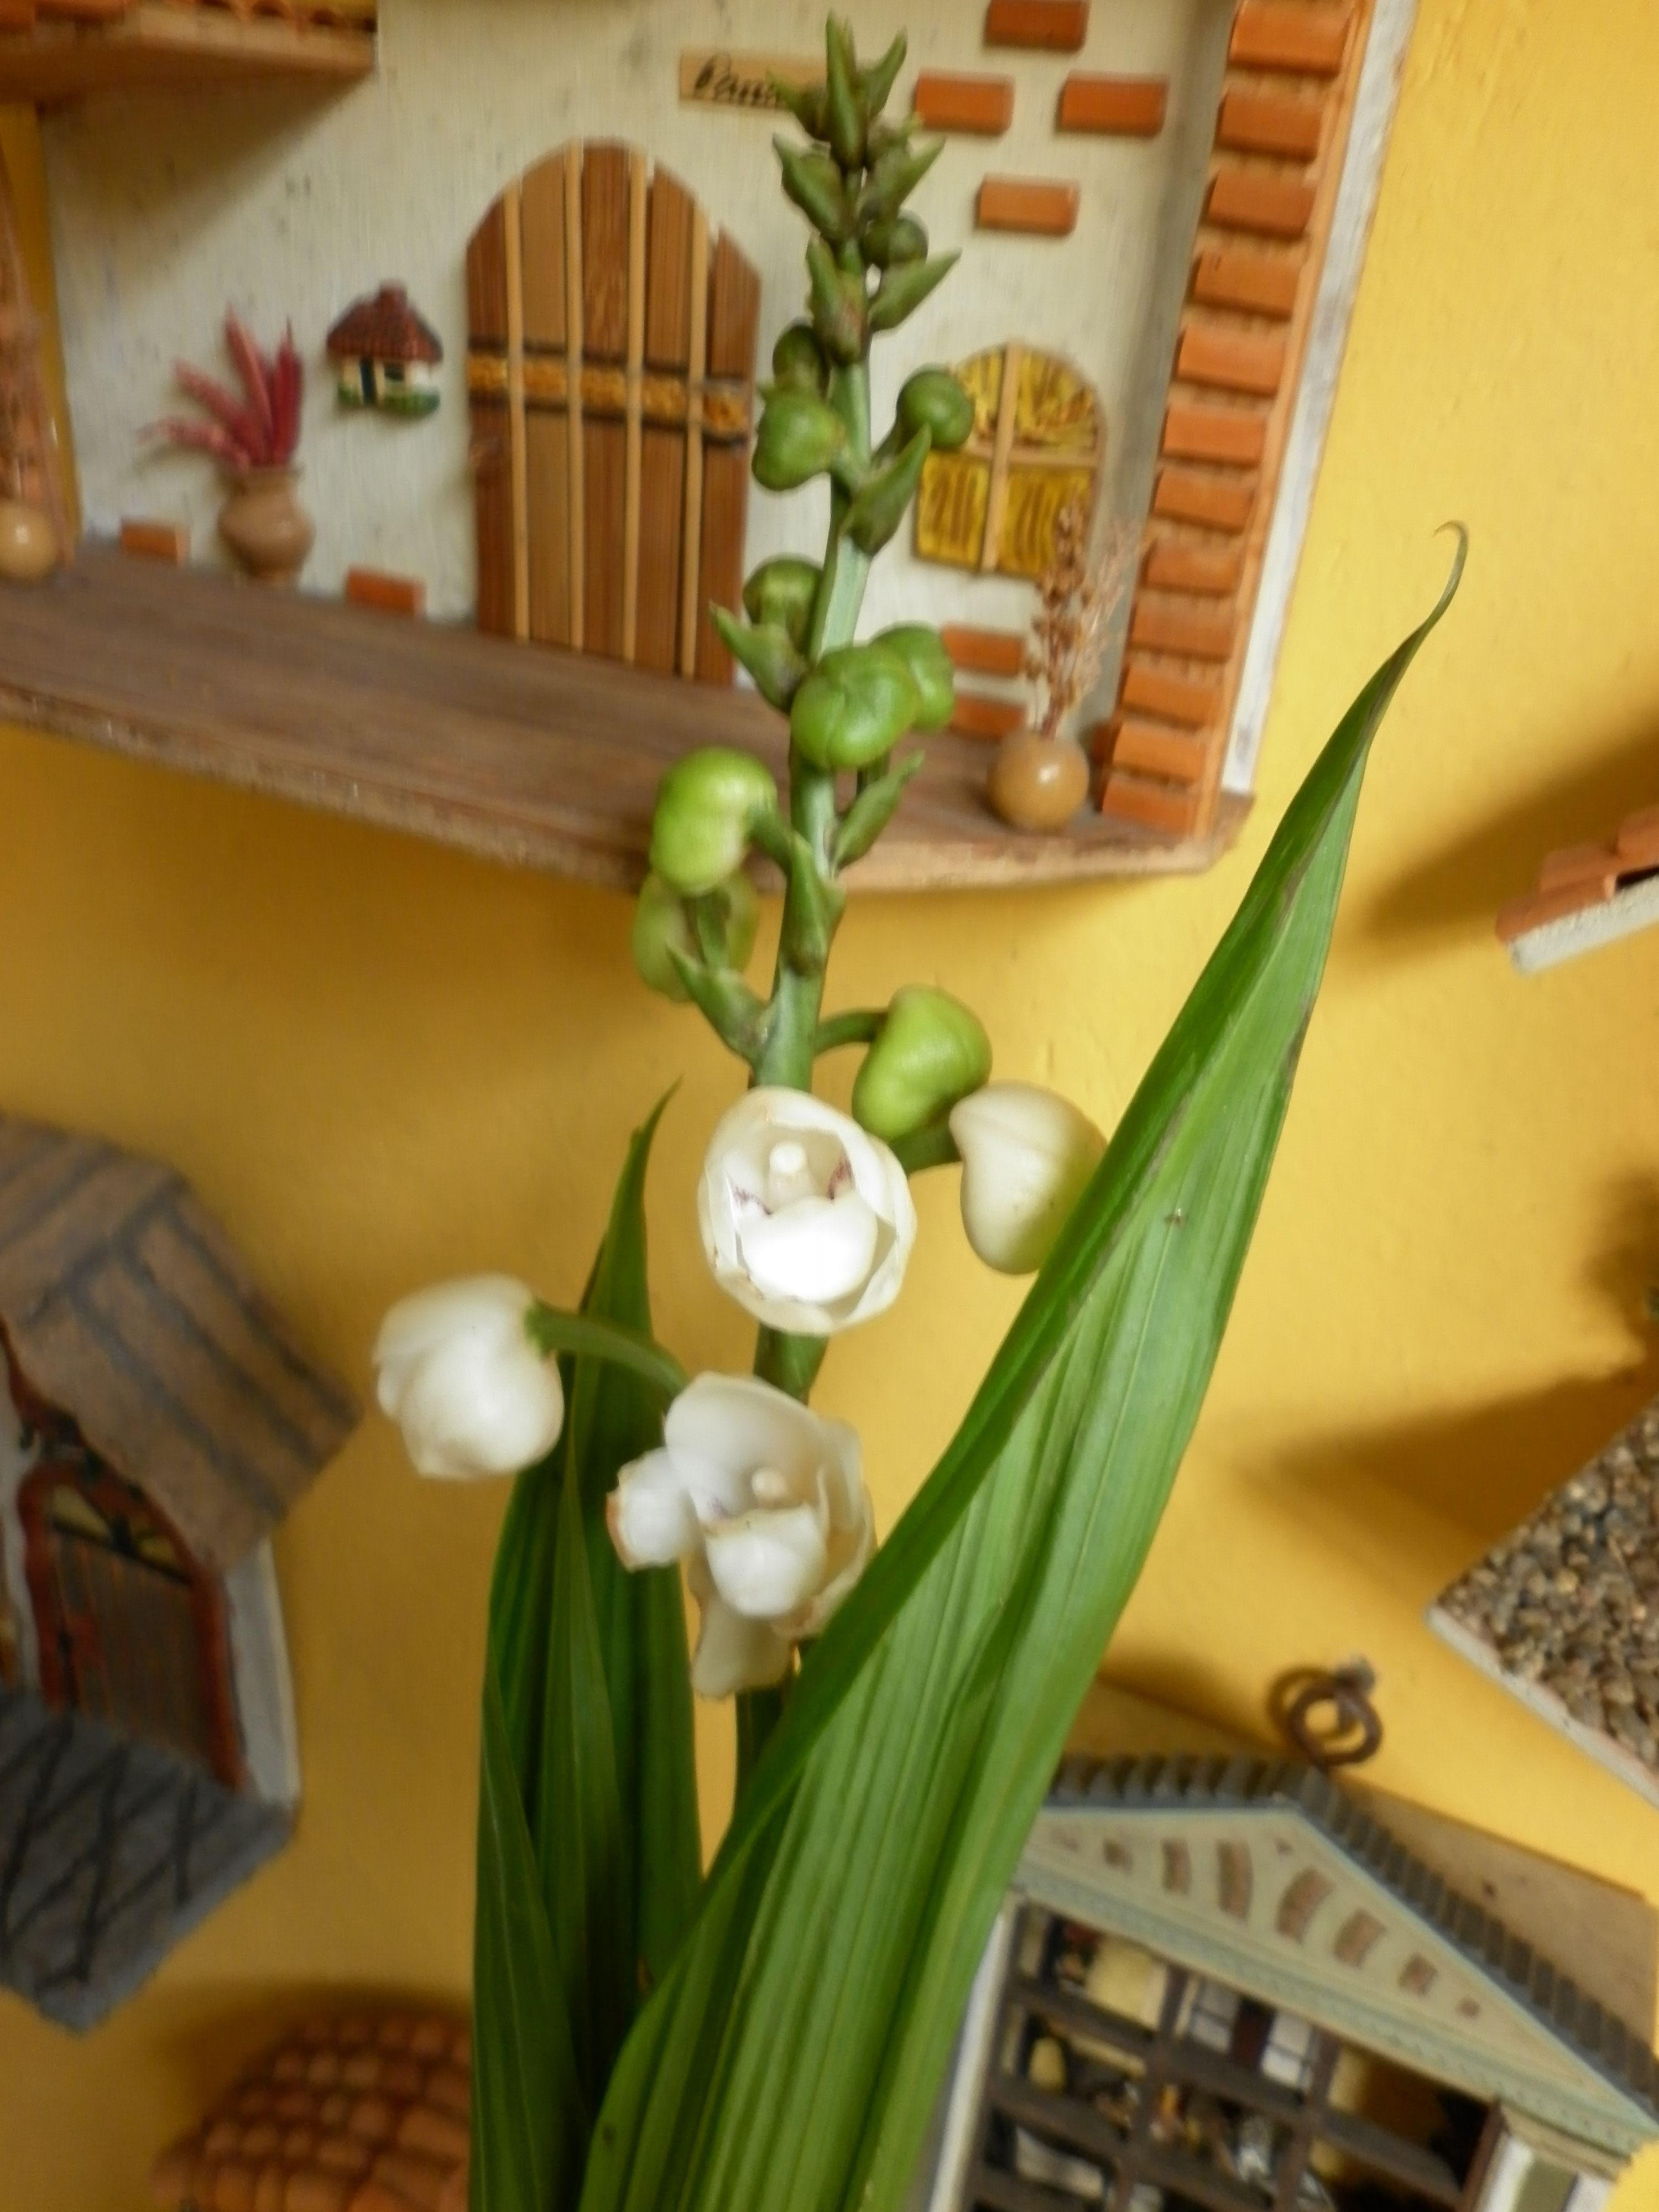 Orquidea Peristeria Elata Flor Del Espìritu Santo Flor Nacional De Panamà Tropical Plants Orchids Plants